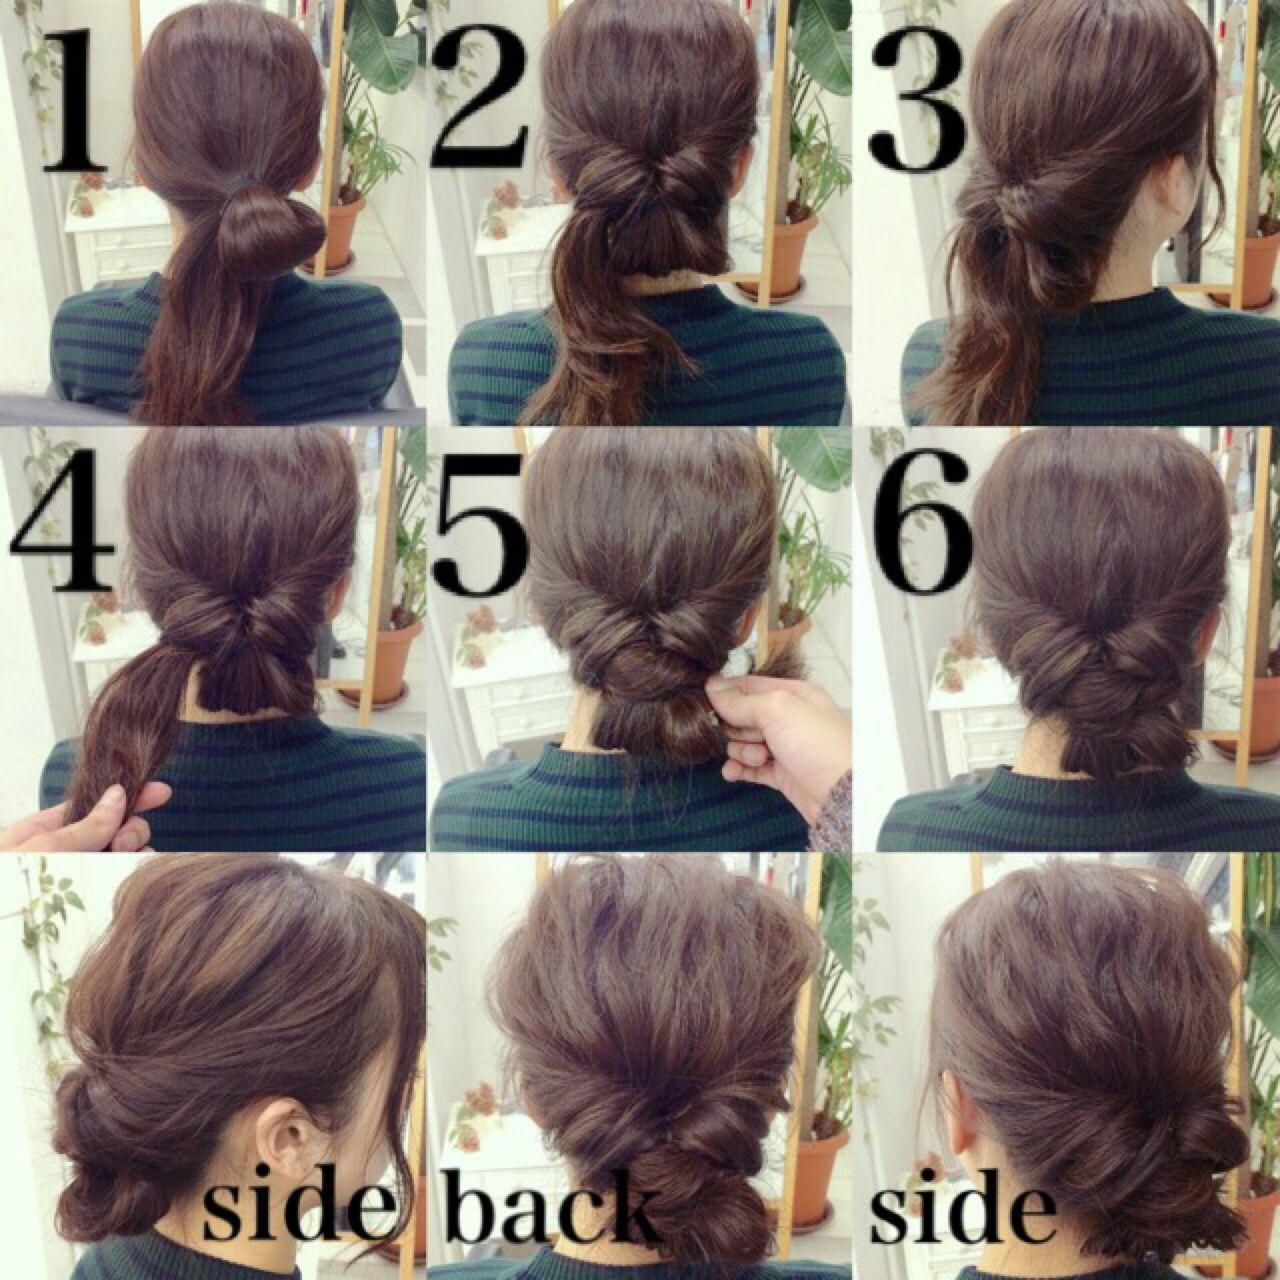 簡単にかわいくできる!ロングのヘアアレンジを紹介 by S - 簡単ヘアアレンジロングアップ